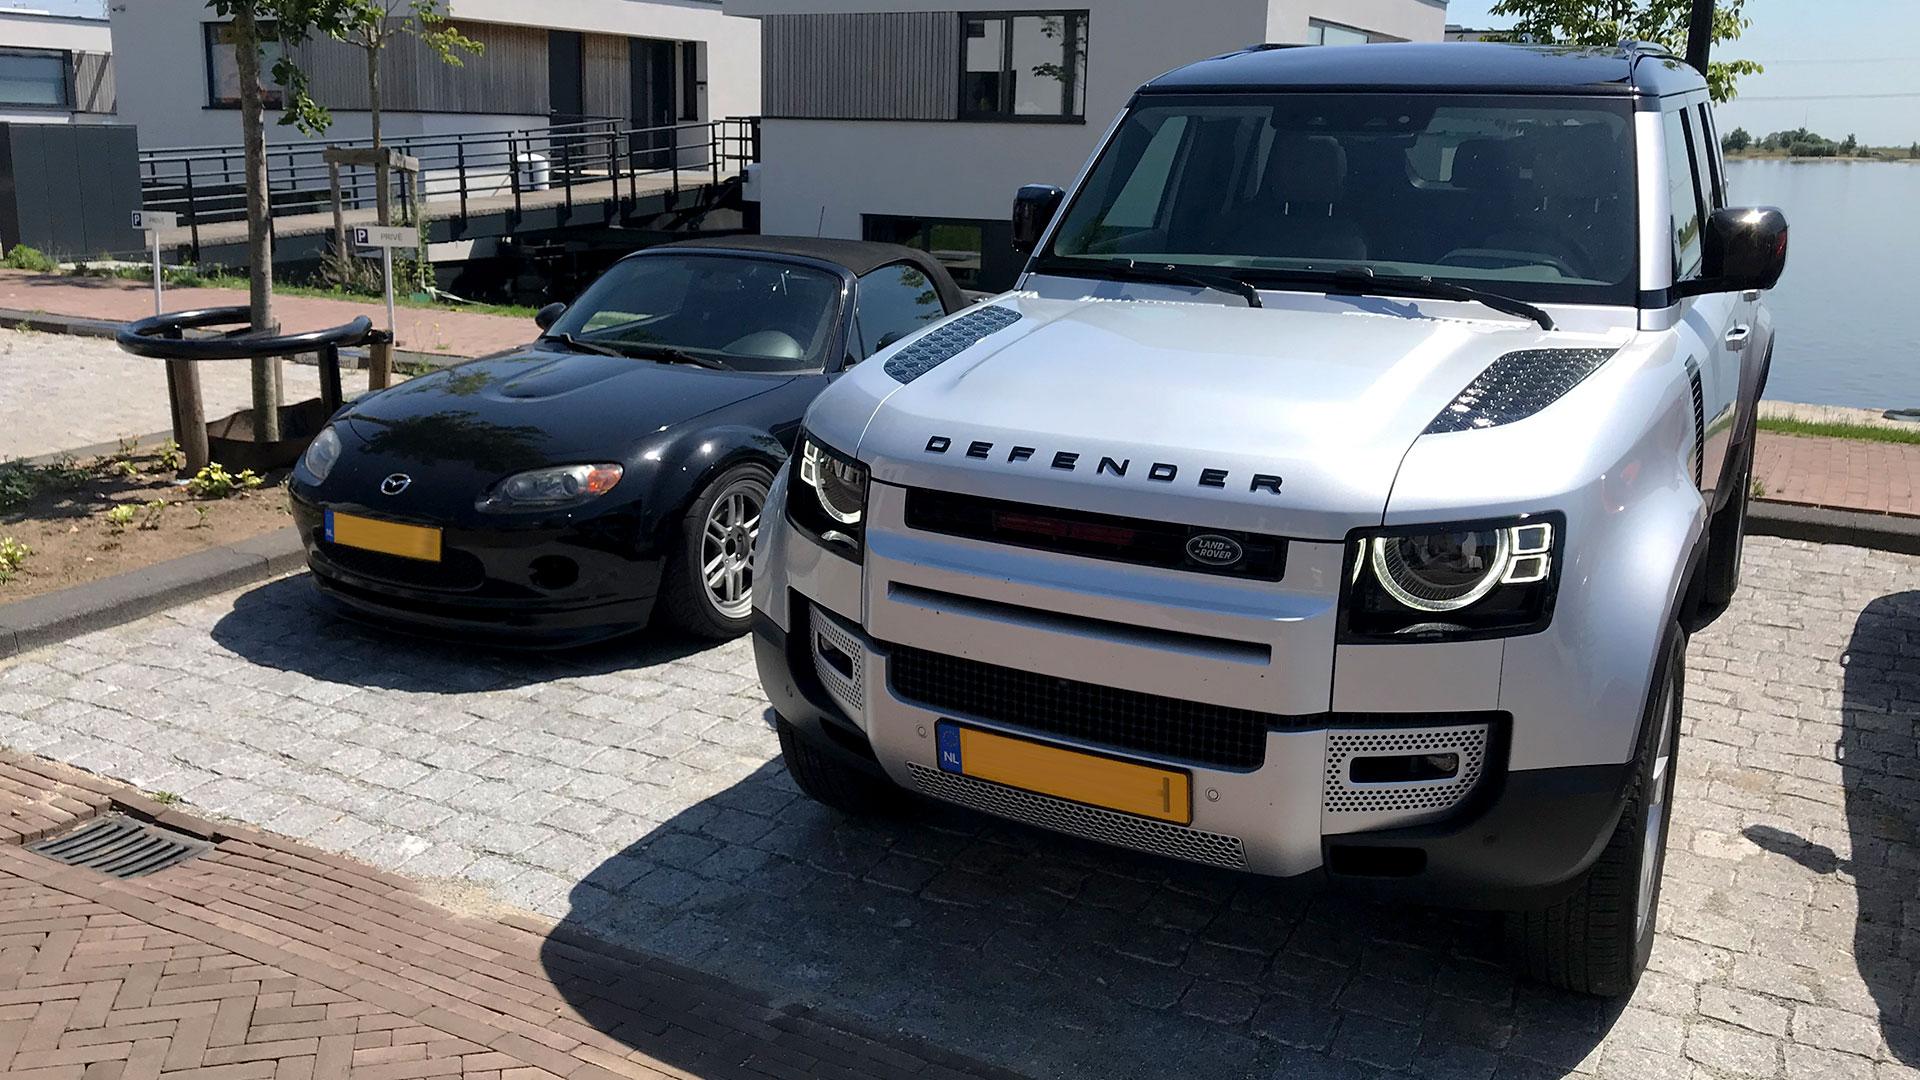 Mazda MX-5 NC 2006 en Land Rover Defender 110 2020